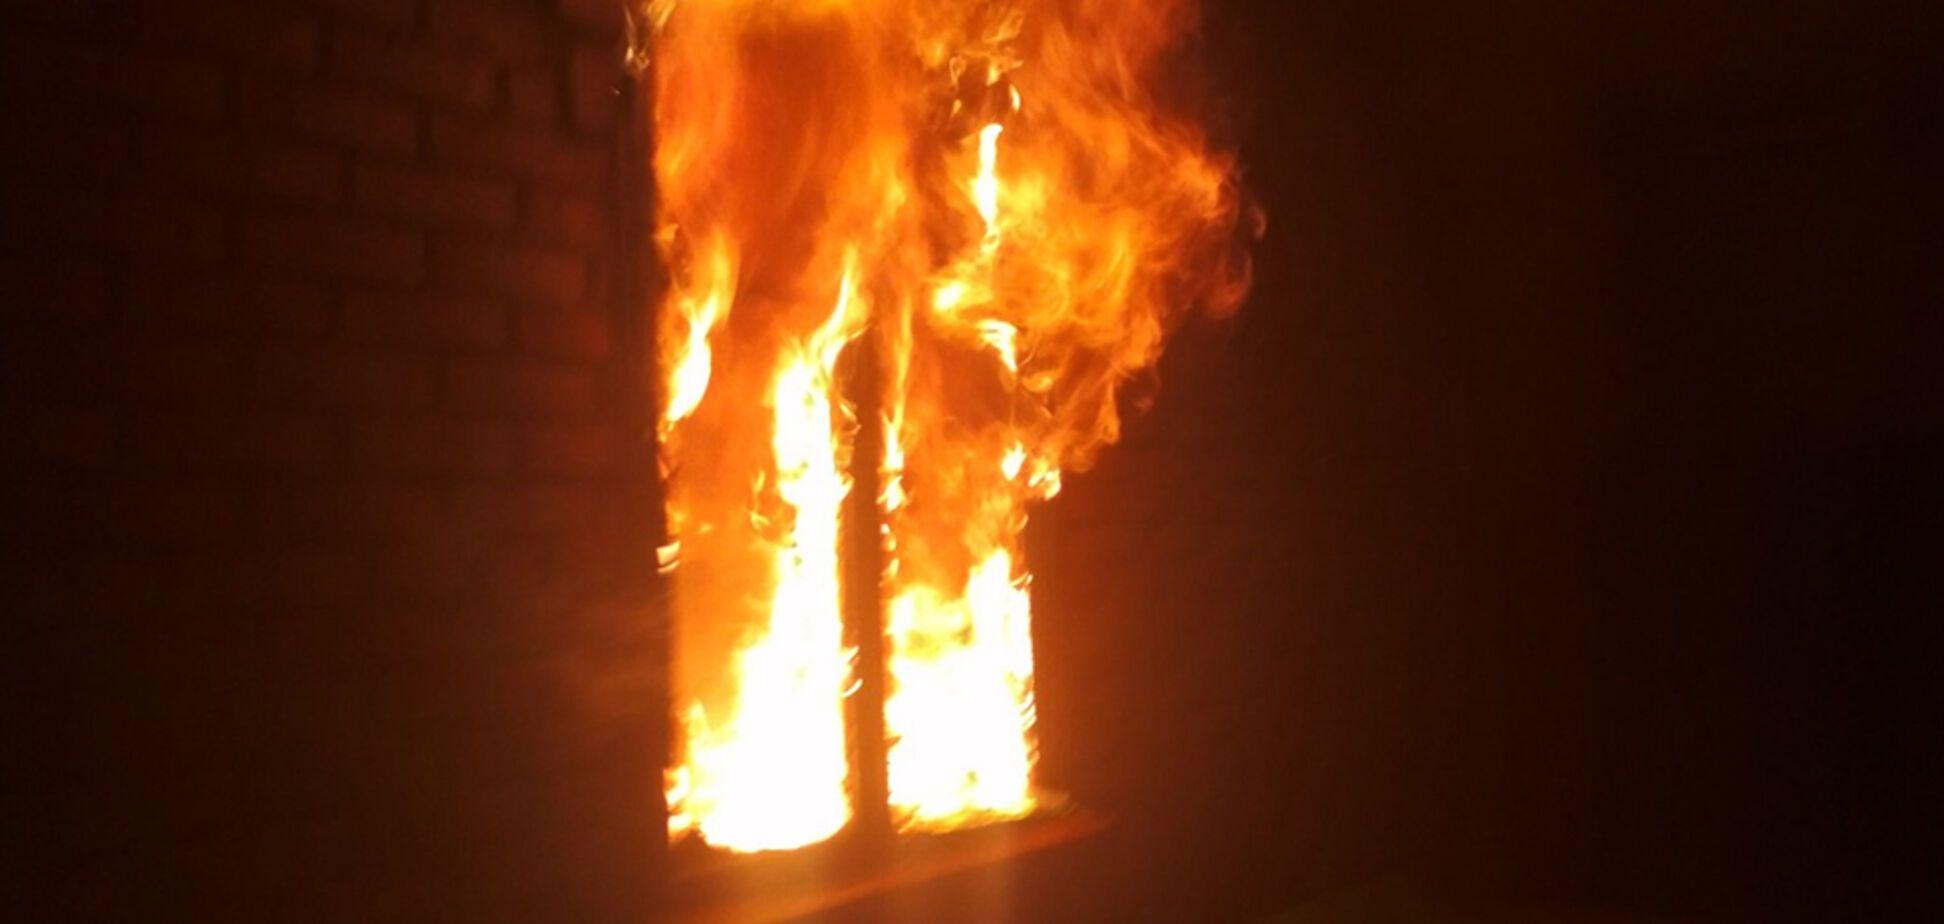 На Днепропетровщине пожар унес жизнь мужчины. Фото с места ЧП